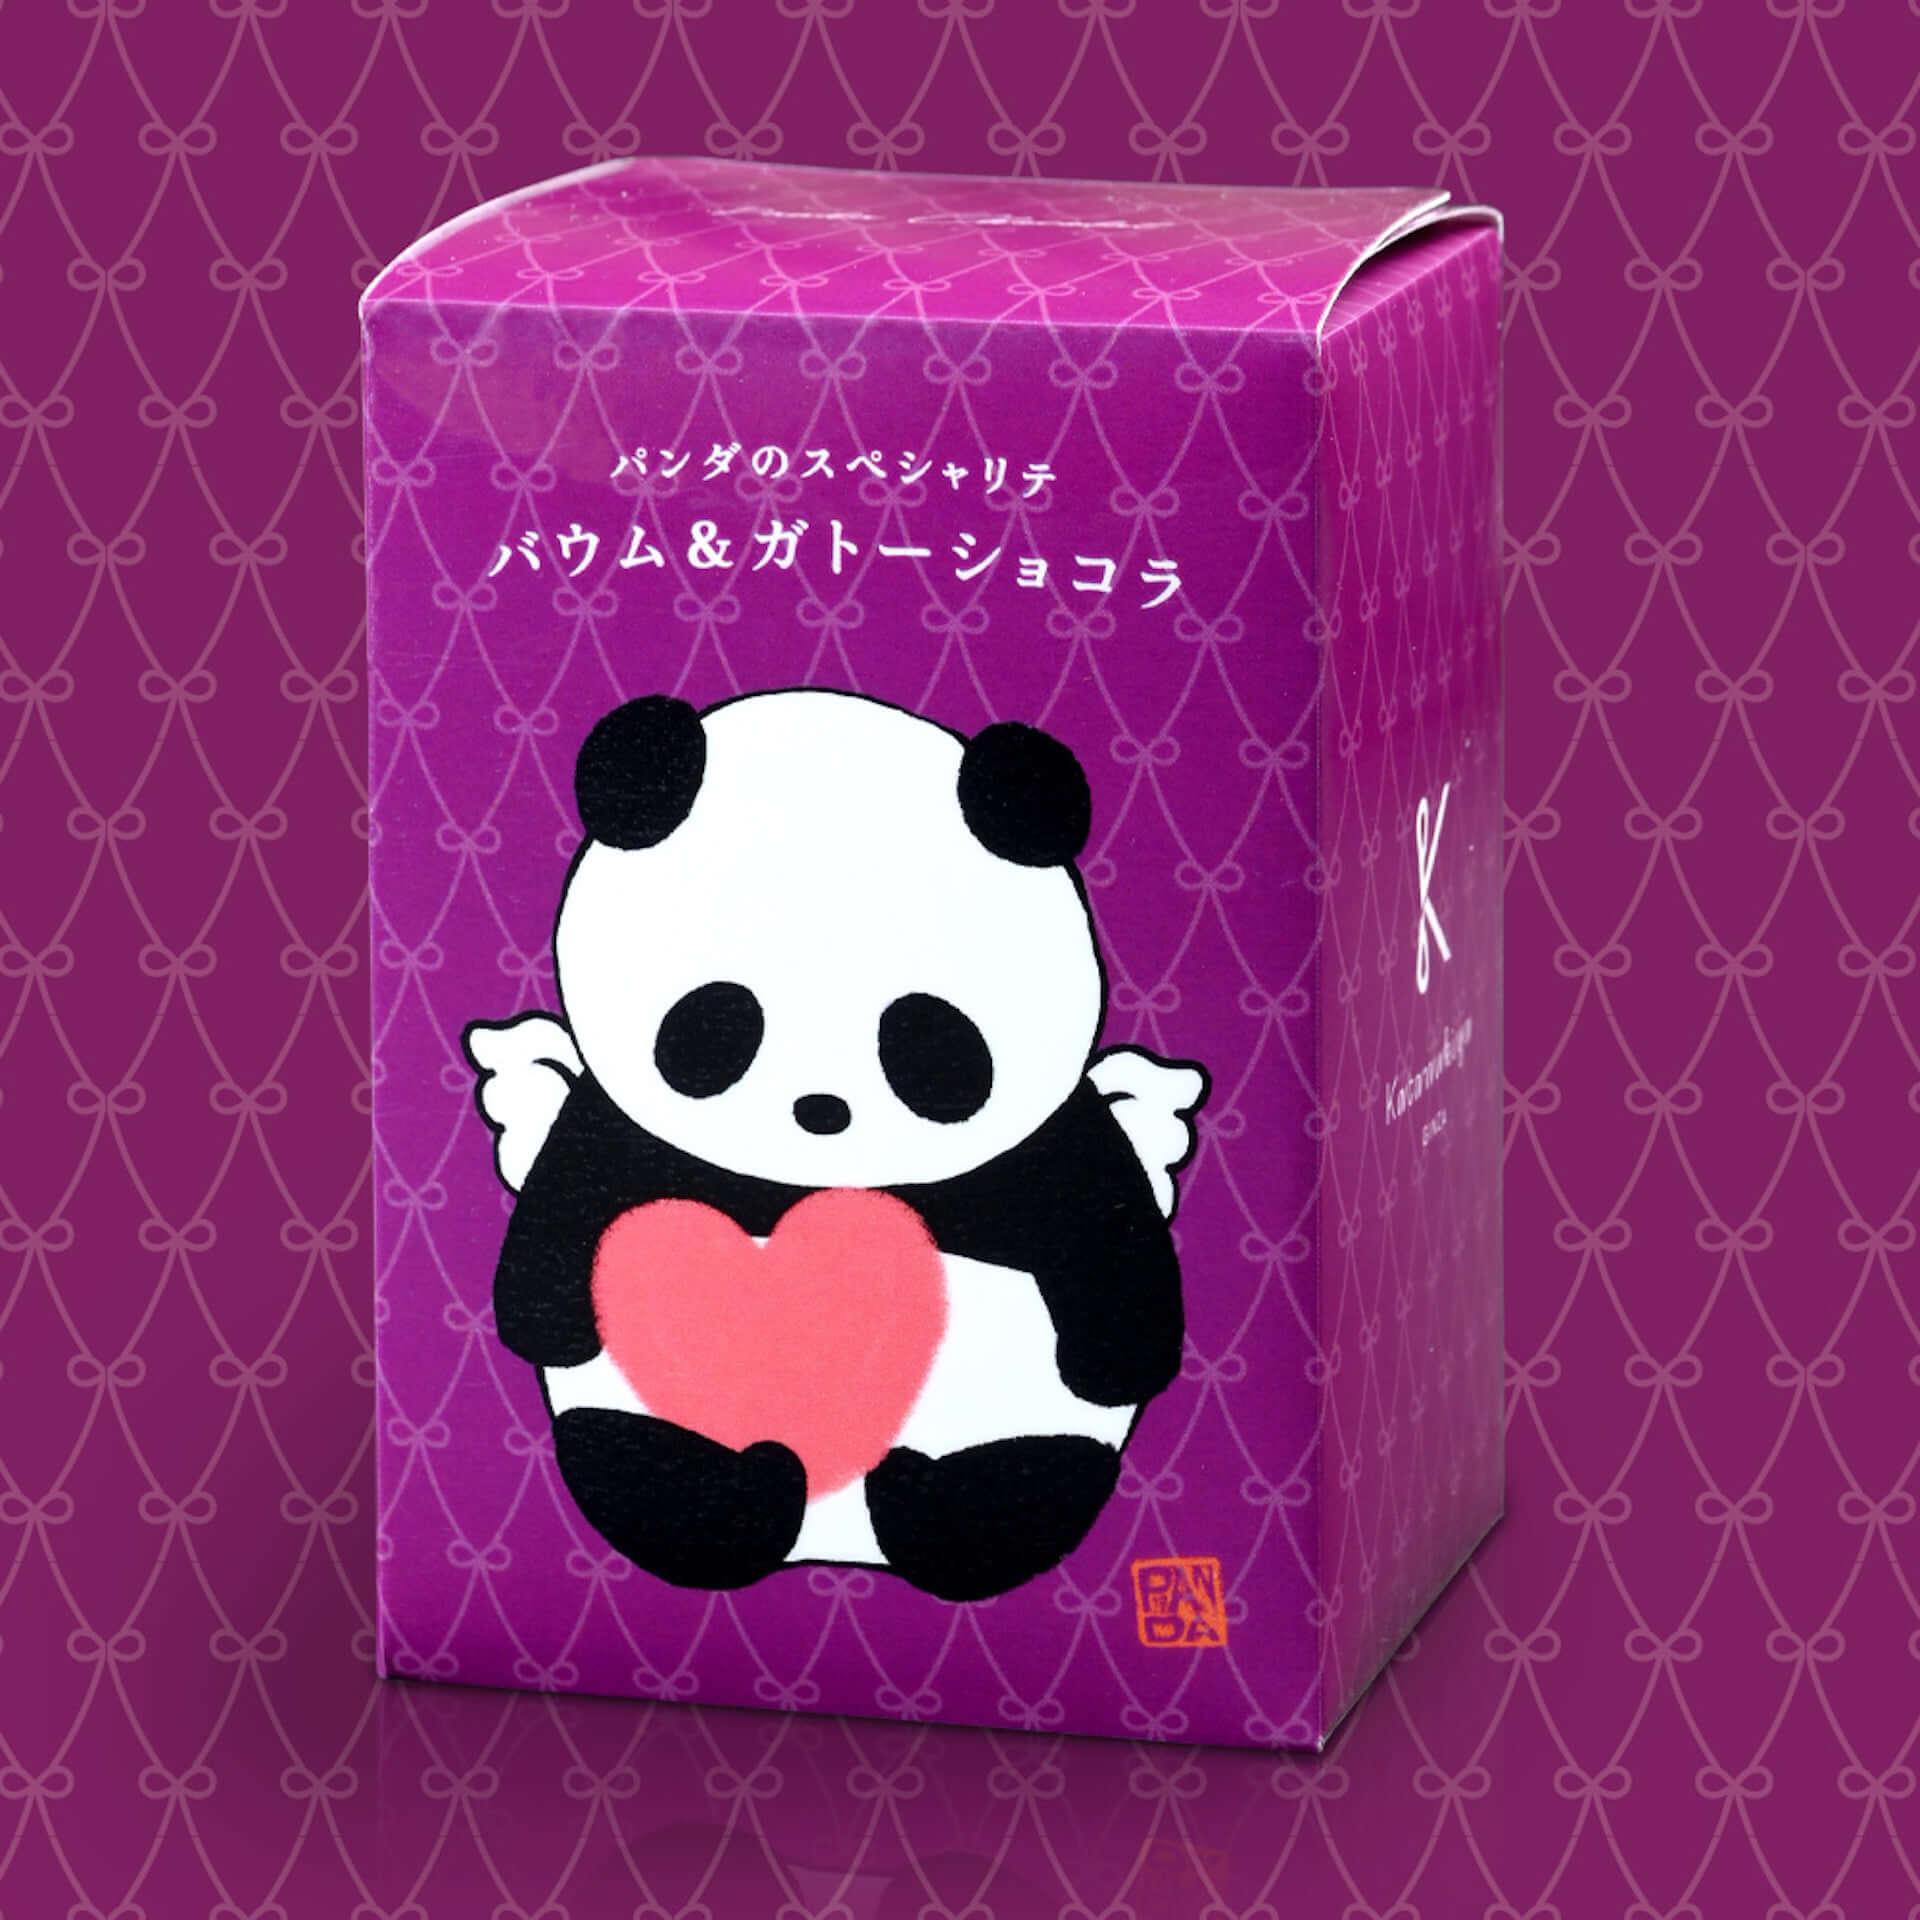 型ぬきができるバウムクーヘン『パンダバウム』にバレンタイン限定デザインが登場!ガトーショコラやココアバウムなど全3種が発売 gourmet210121_katanuki-ya_4-1920x1920